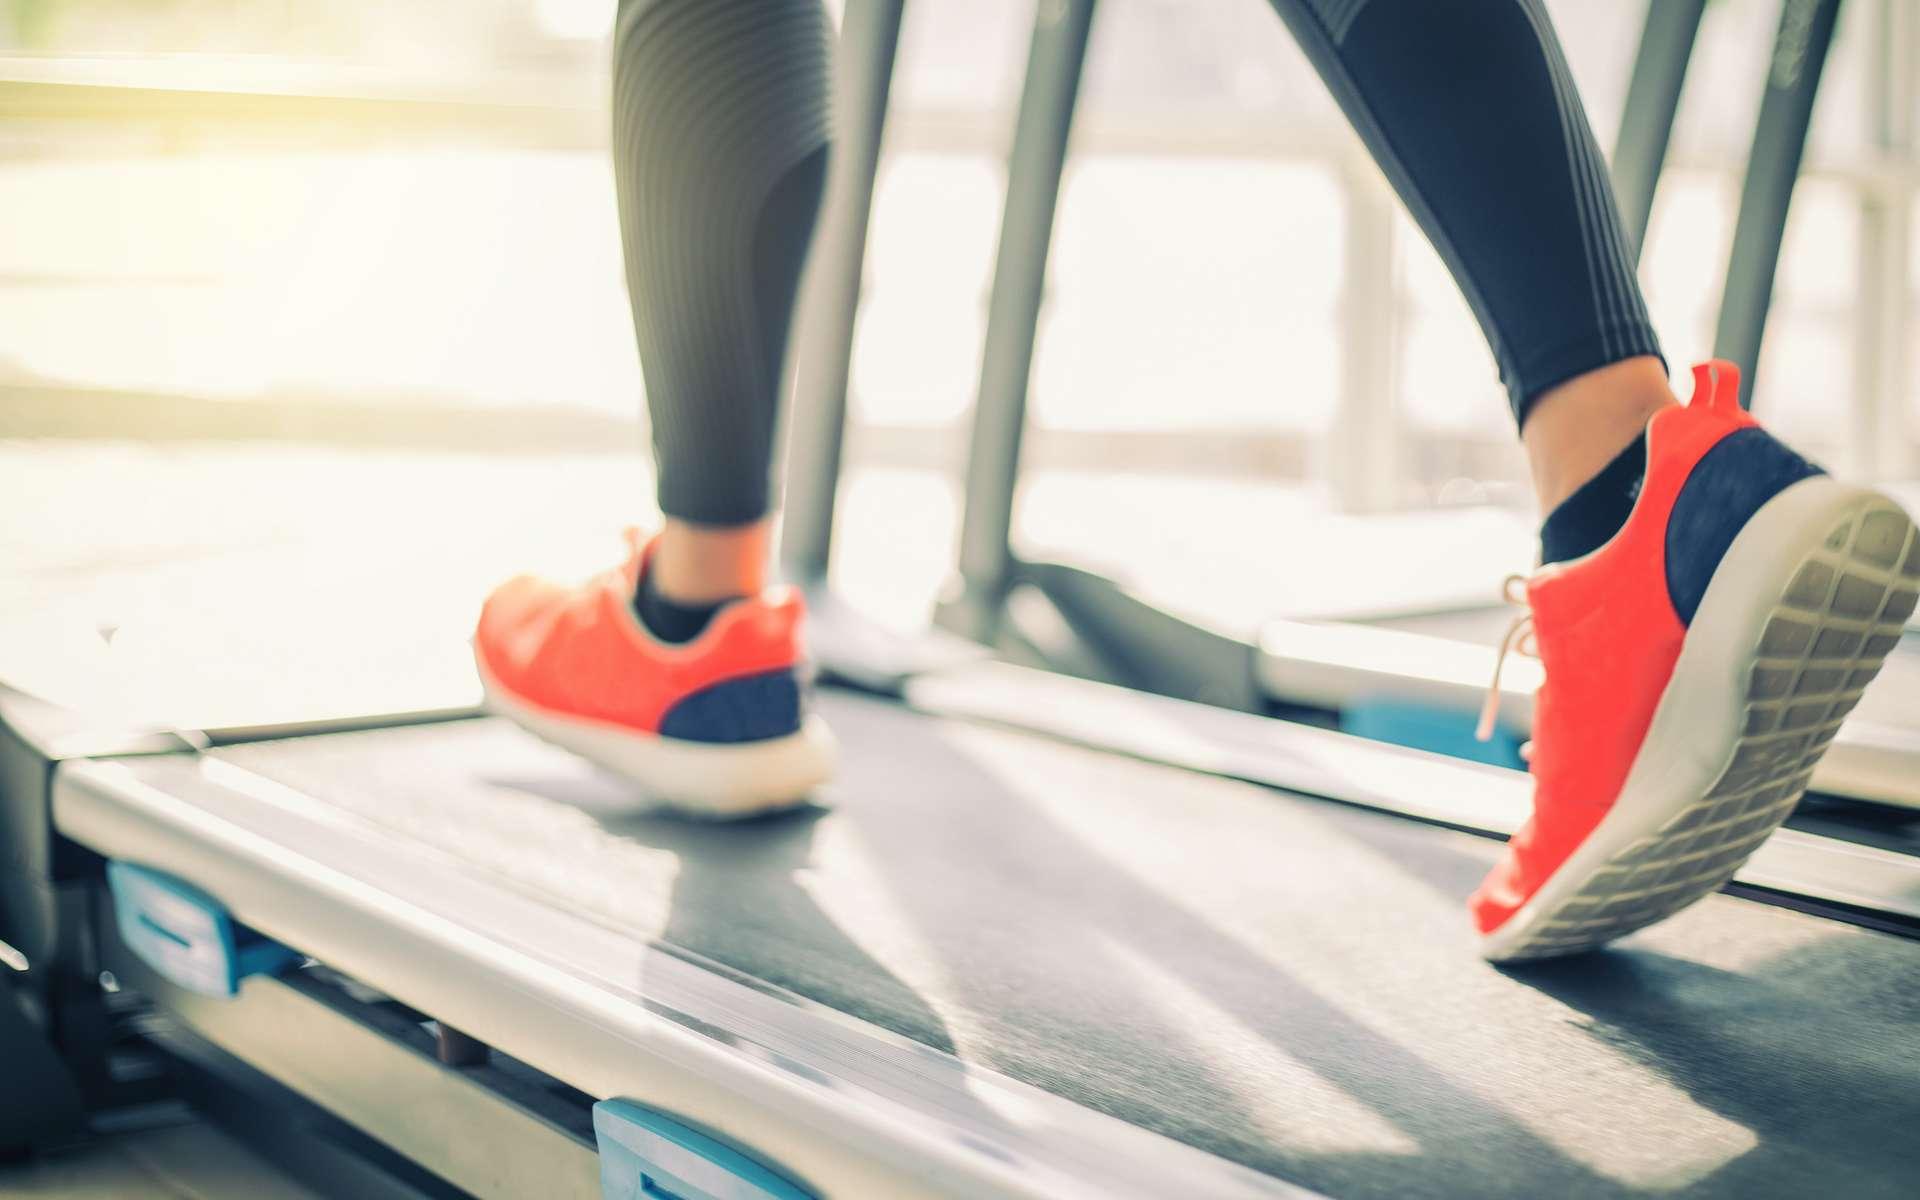 On dépense un peu moins de calories en courant sur un tapis que dehors. © tuiphotoengineer, Adobe Stock